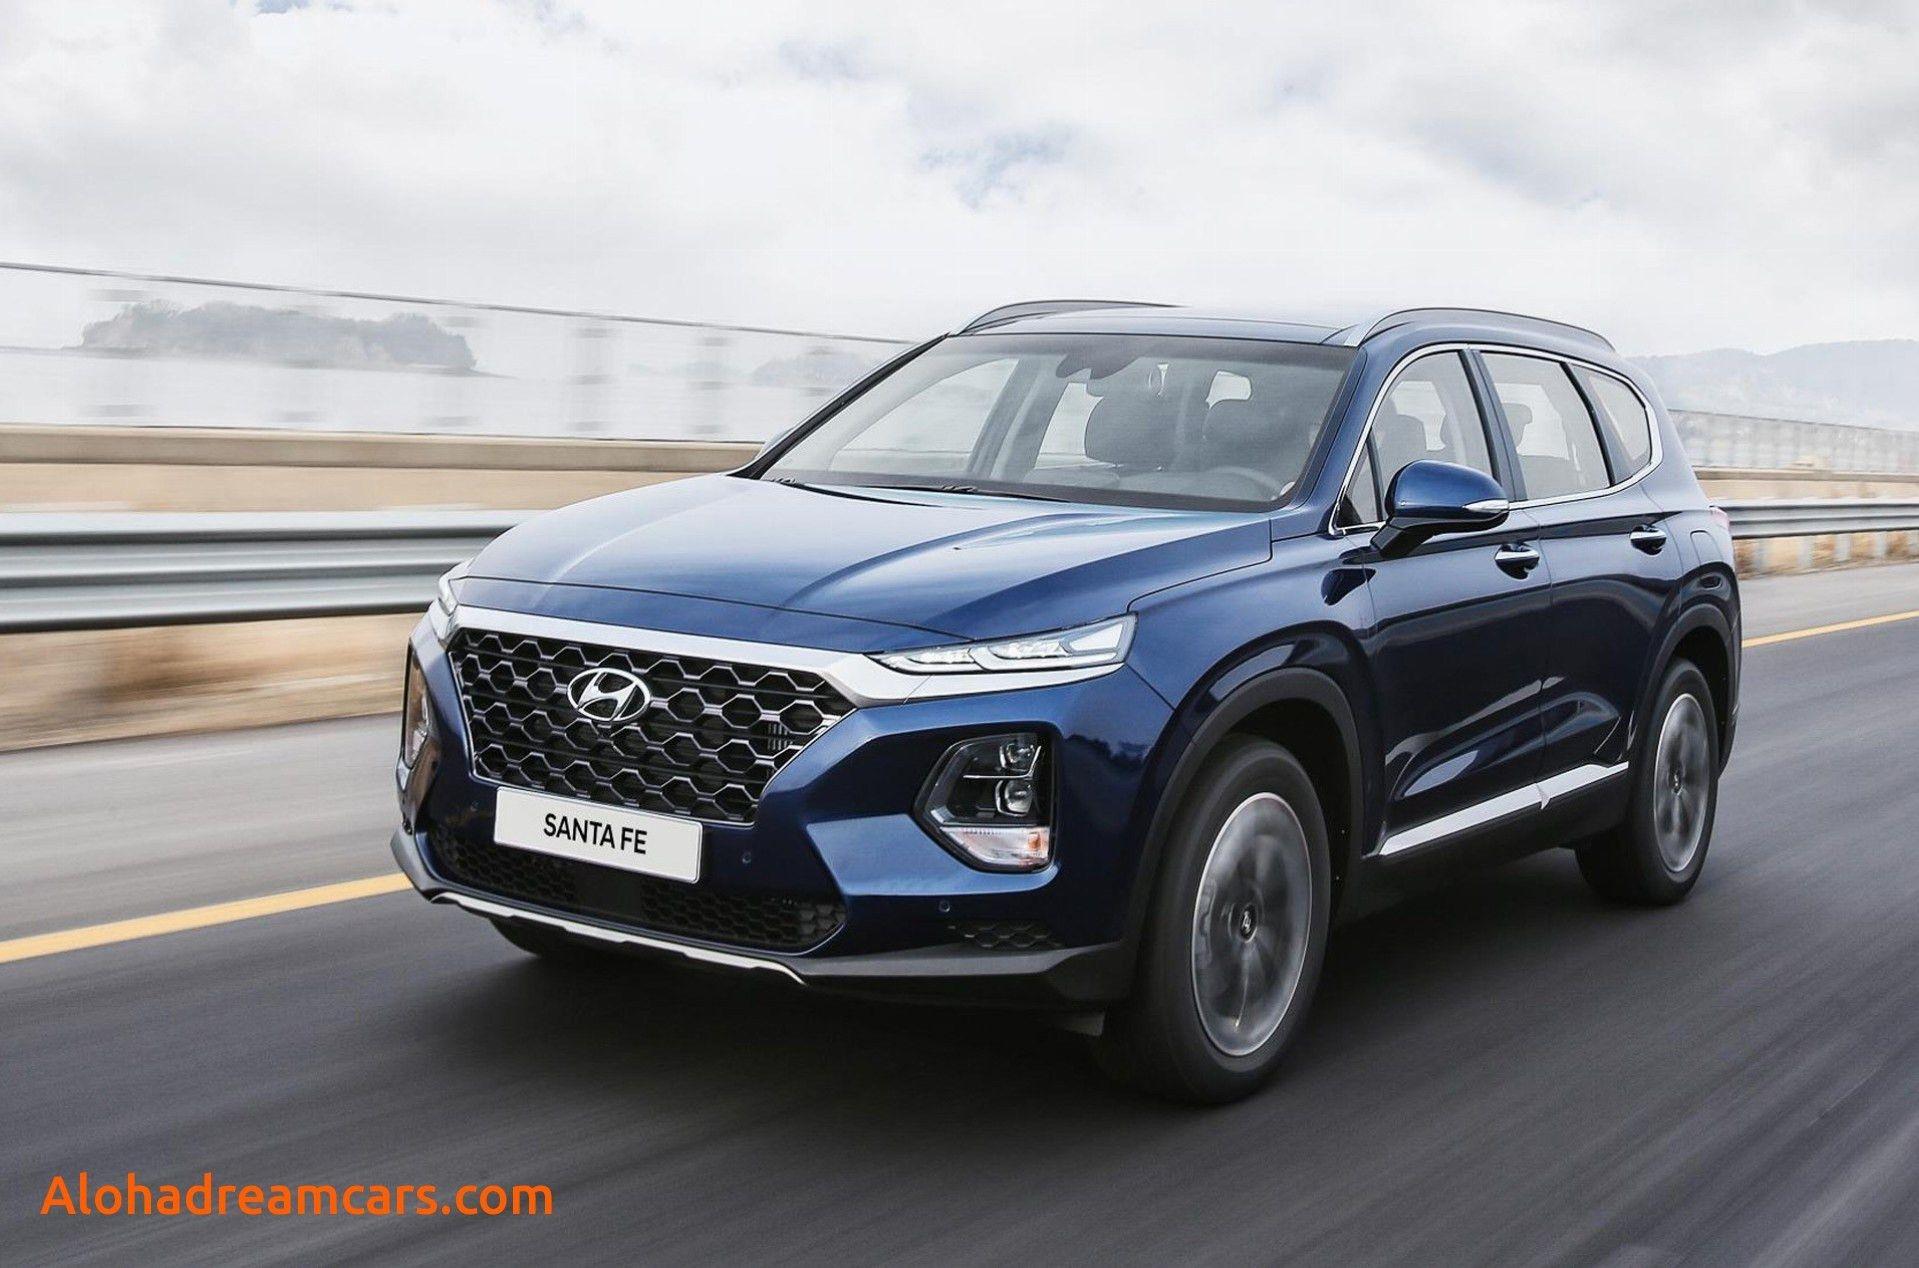 Hyundai Suv 2019 Check more at